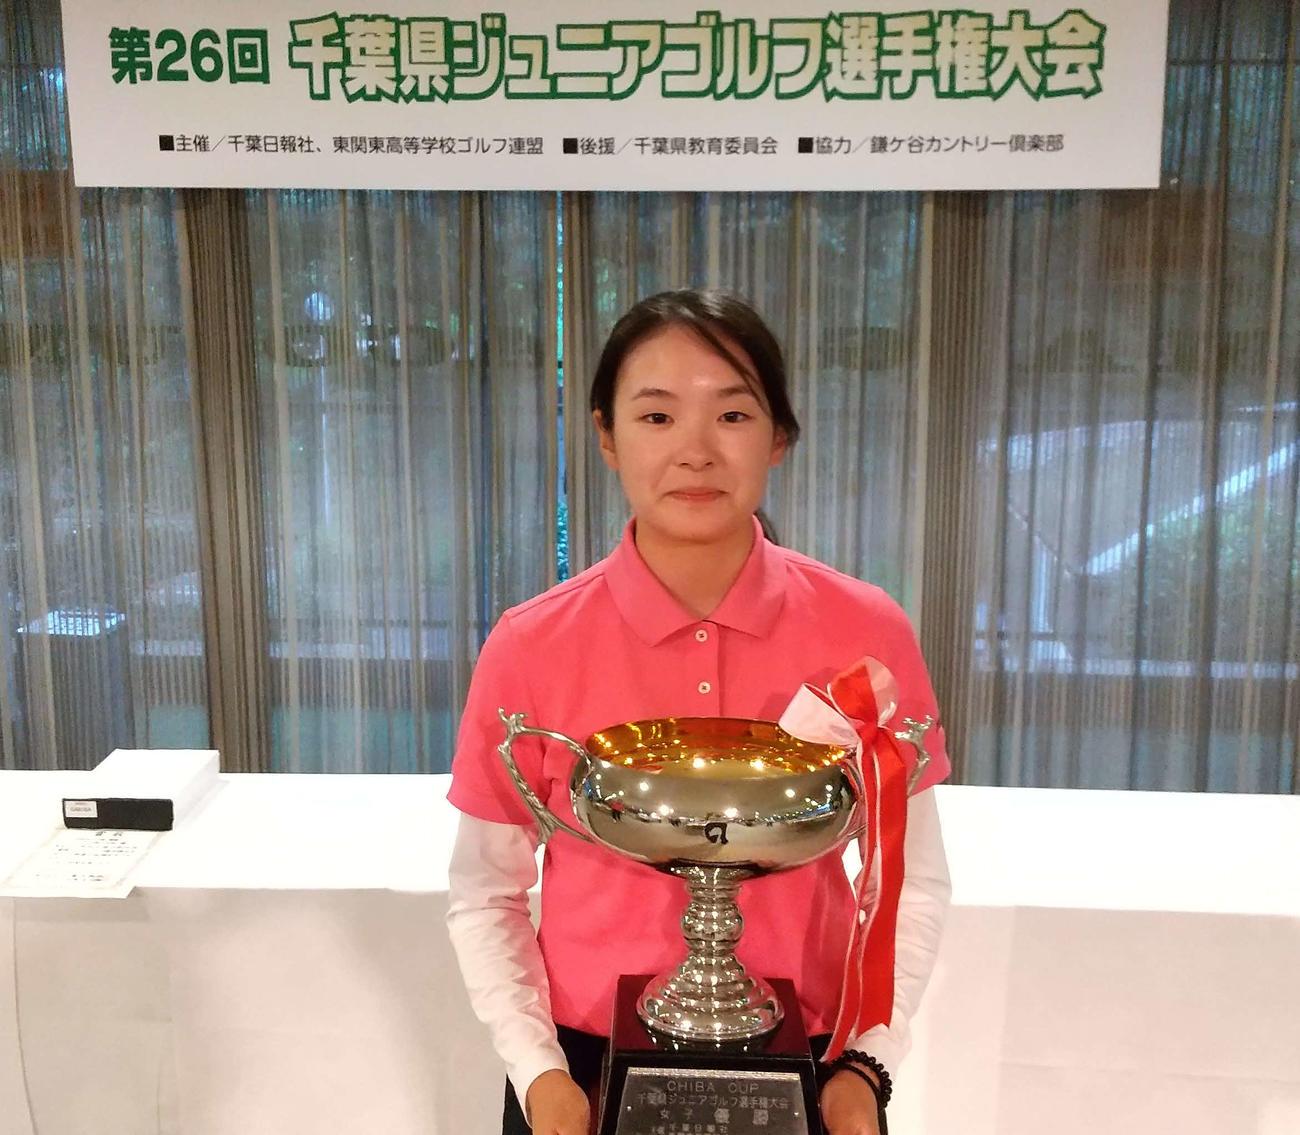 千葉県ジュニアを兼ねた関東高校ゴルフ千葉個人女子で優勝した浅野咲希